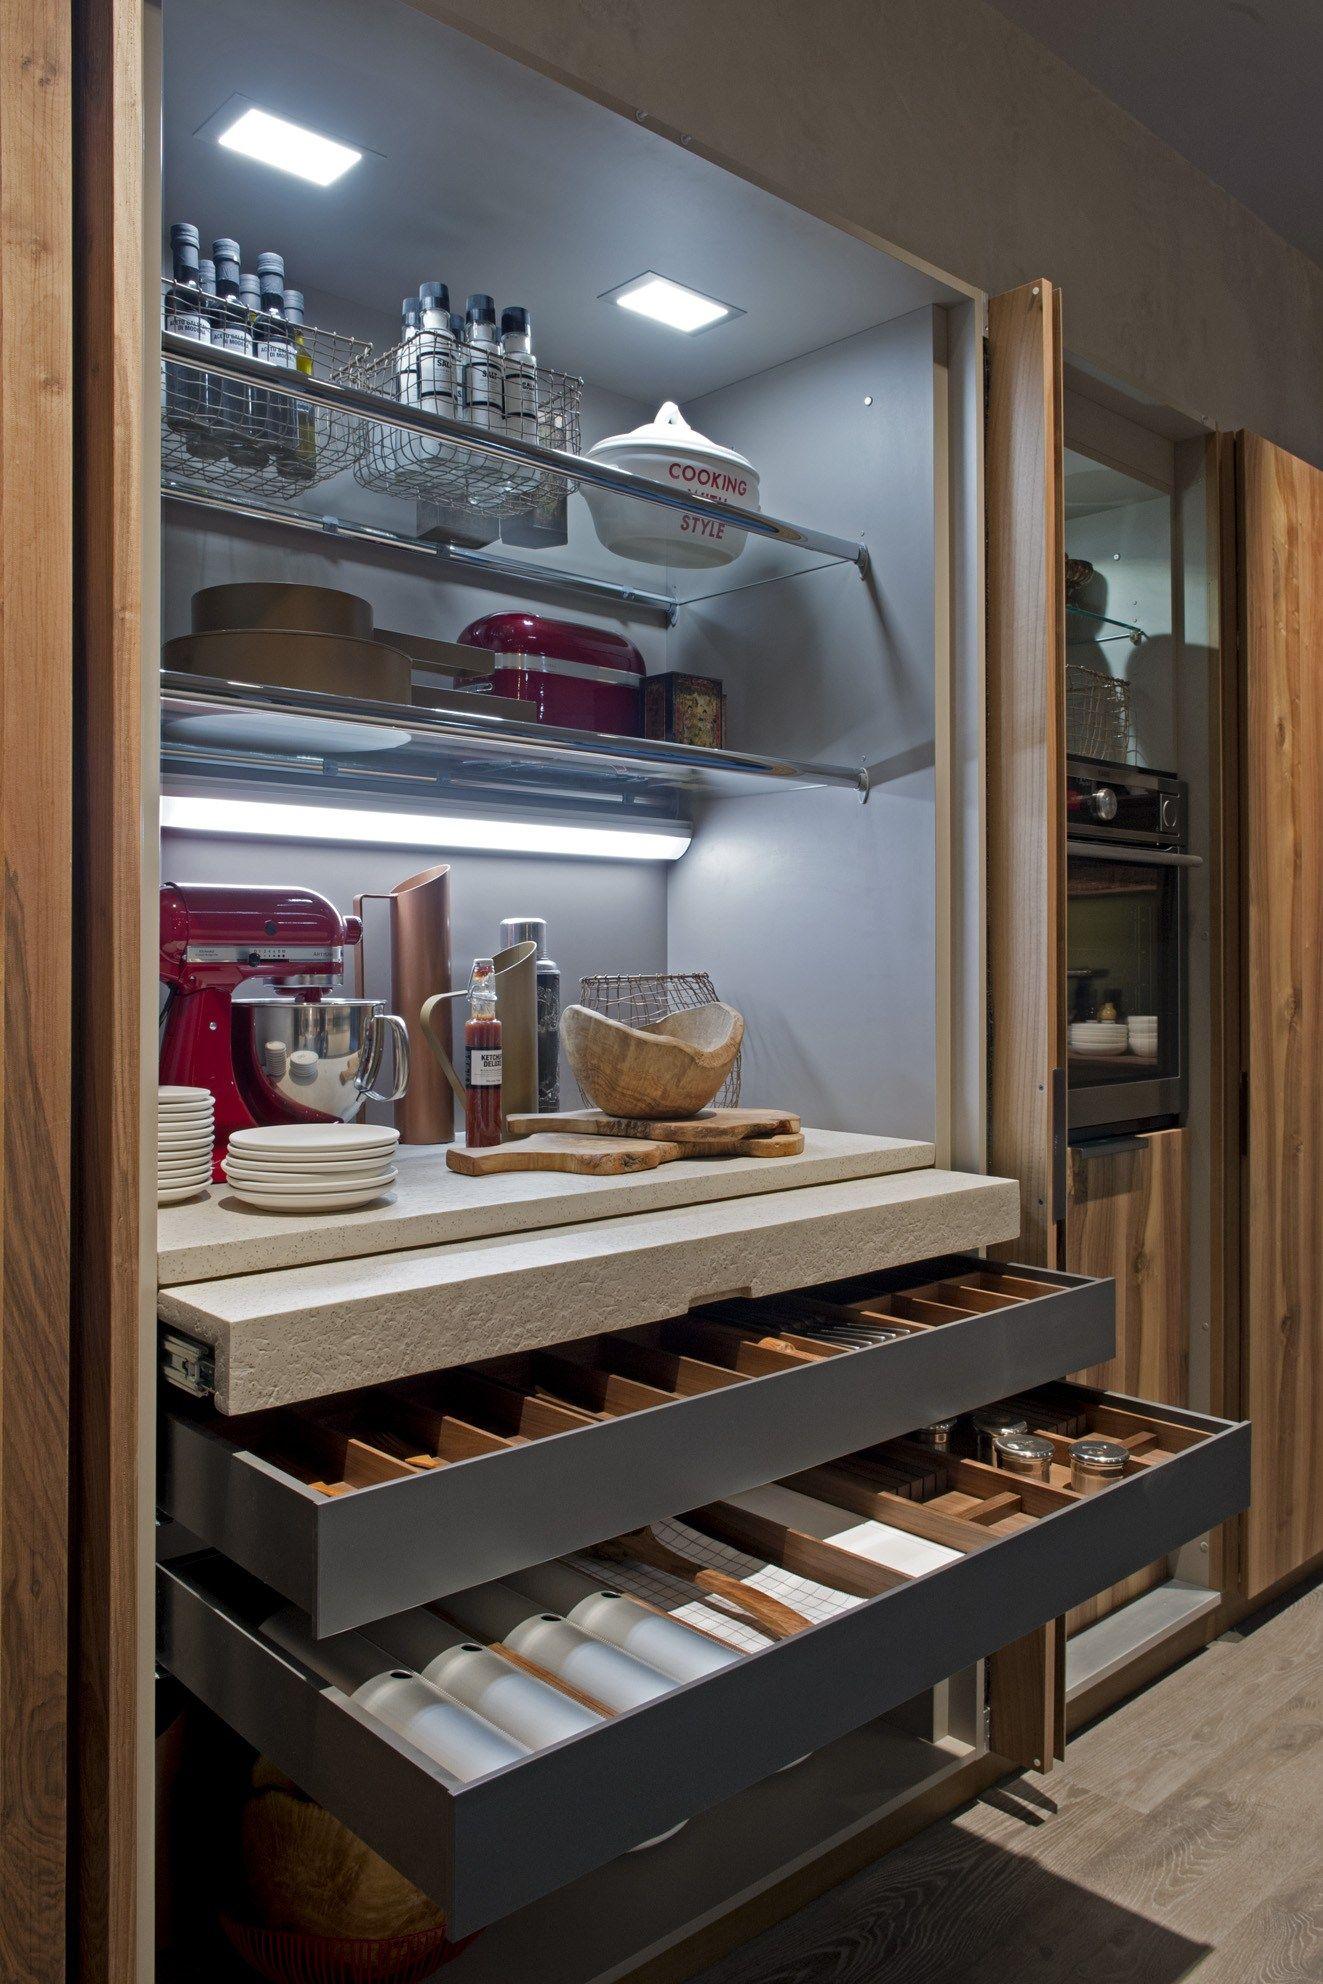 Cocina Integral Con Isla Filoantis By Euromobil Dise O